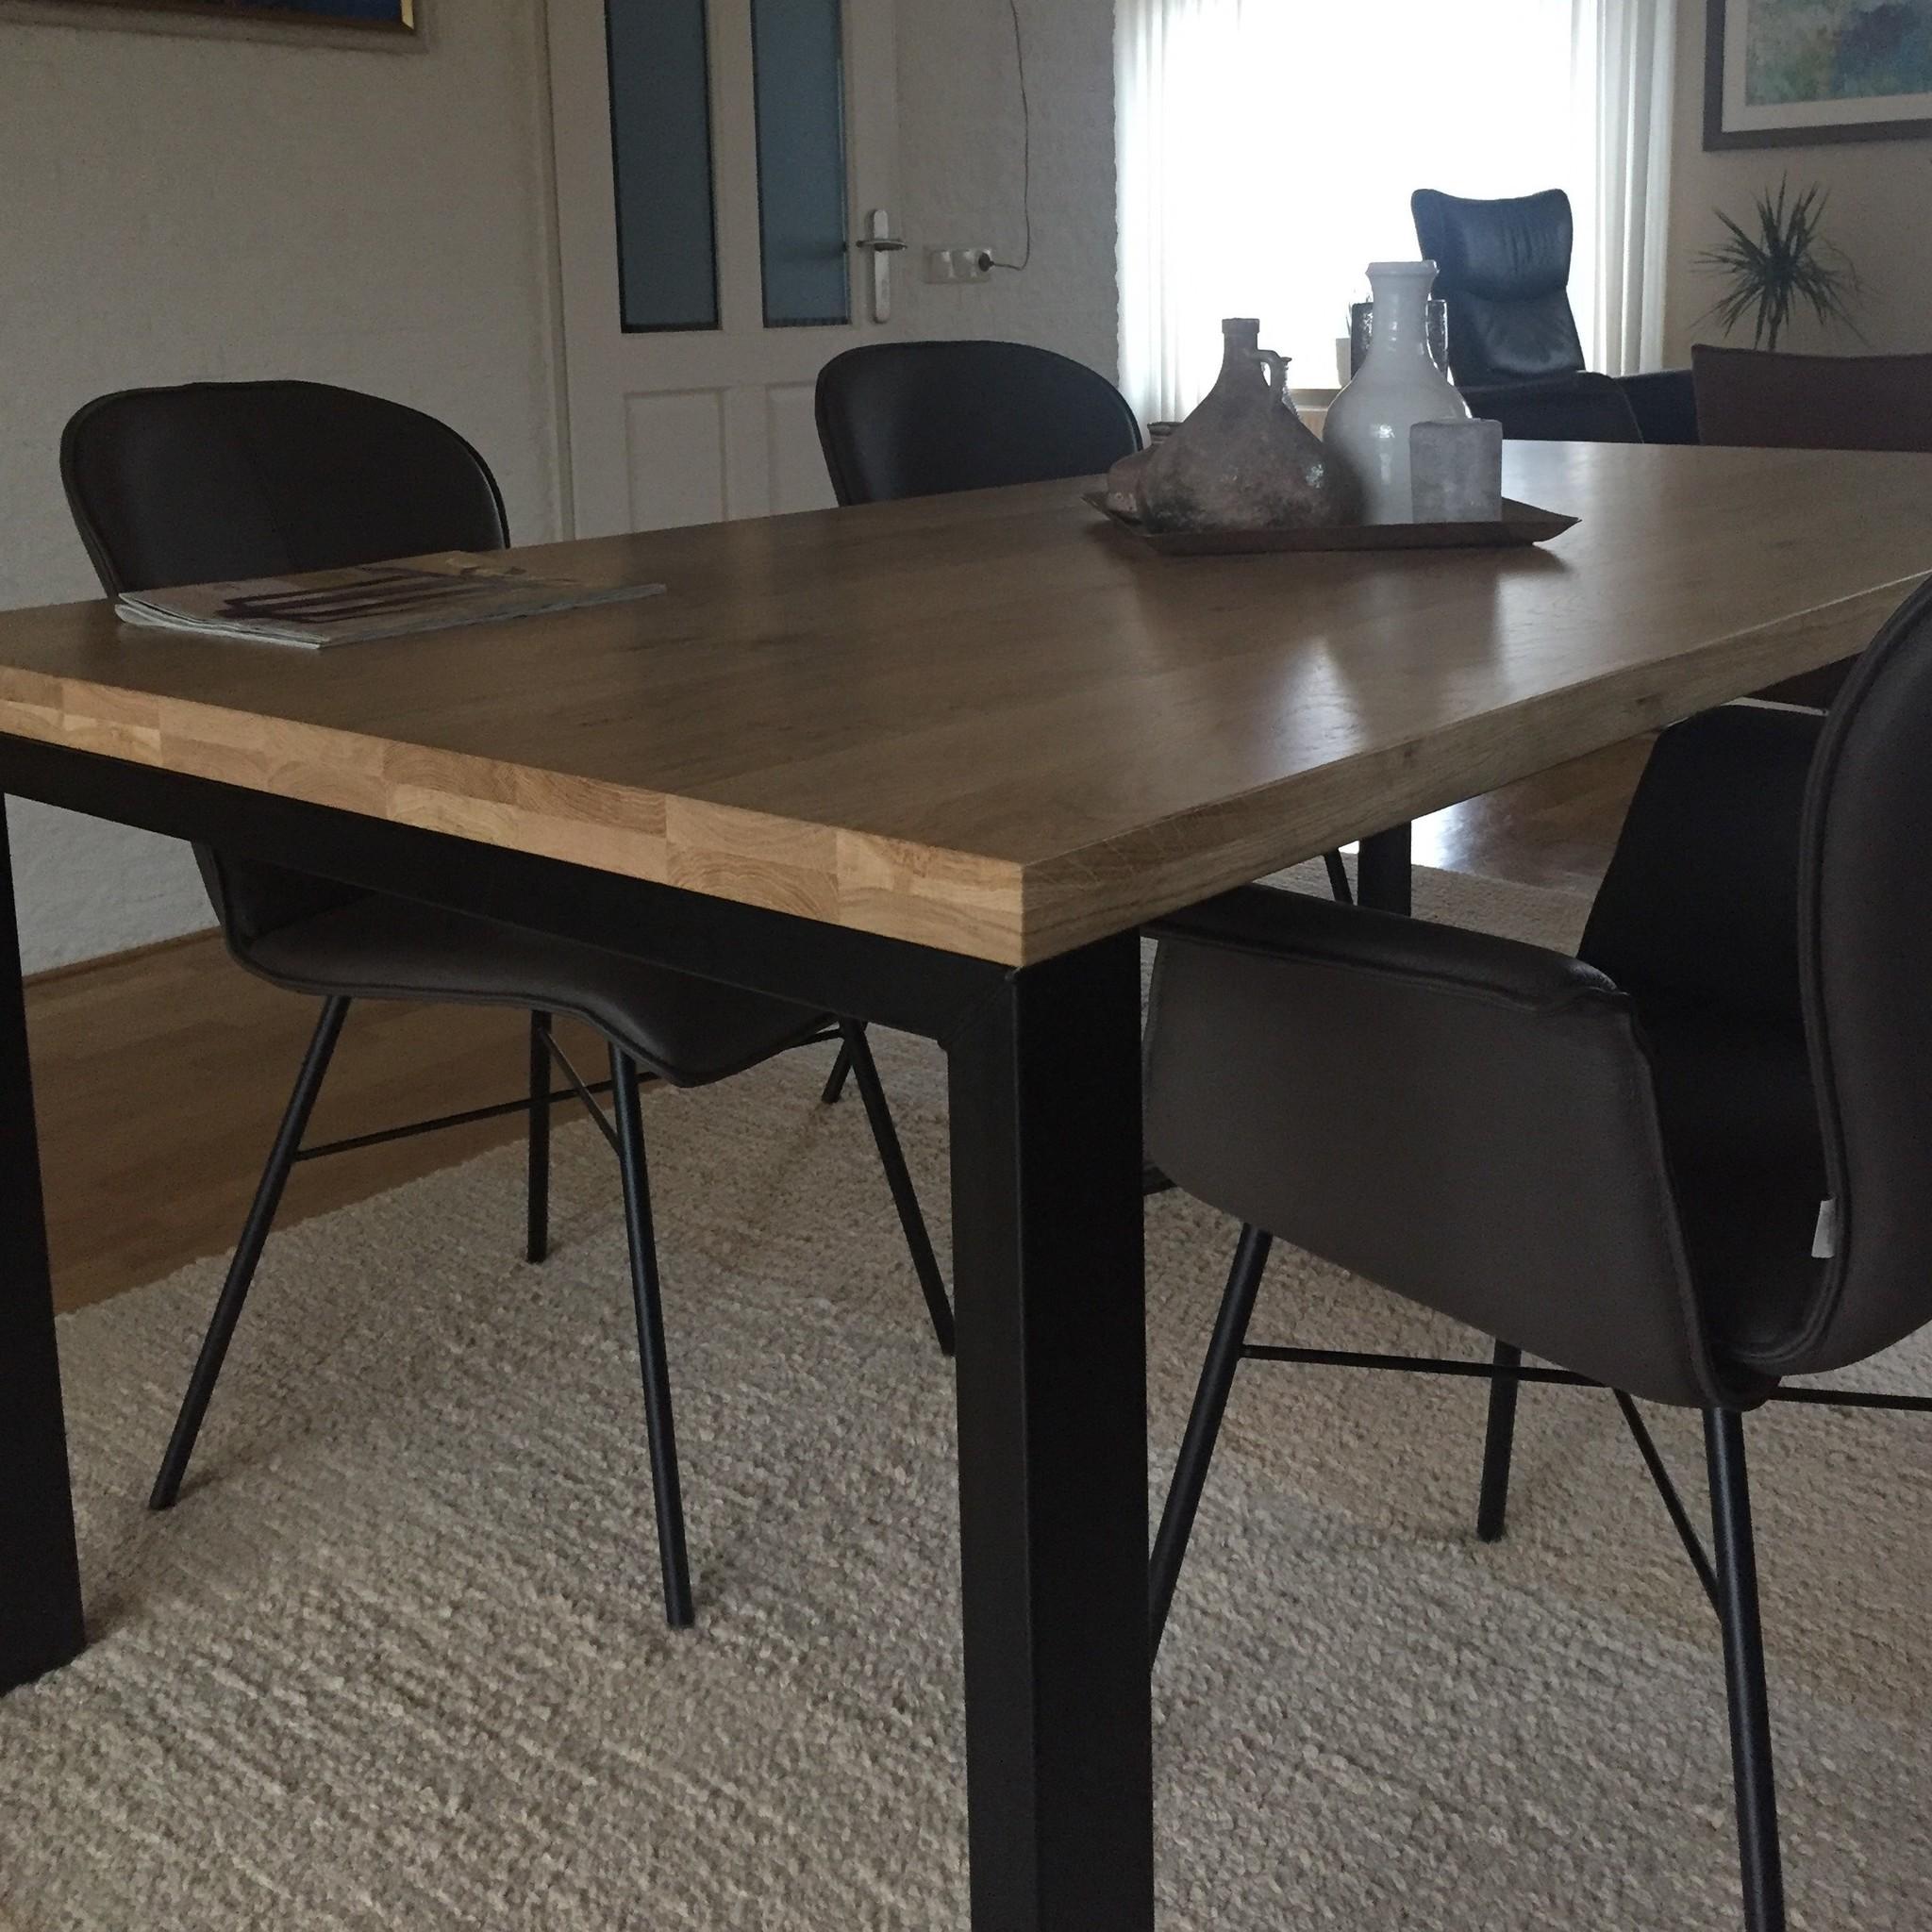 Eiken tafelblad op maat - OPGEDIKT - 4 cm dik (2-laags rondom) - rustiek Europees eikenhout - verlijmd kd 8-12% - 50-120x50-300 cm